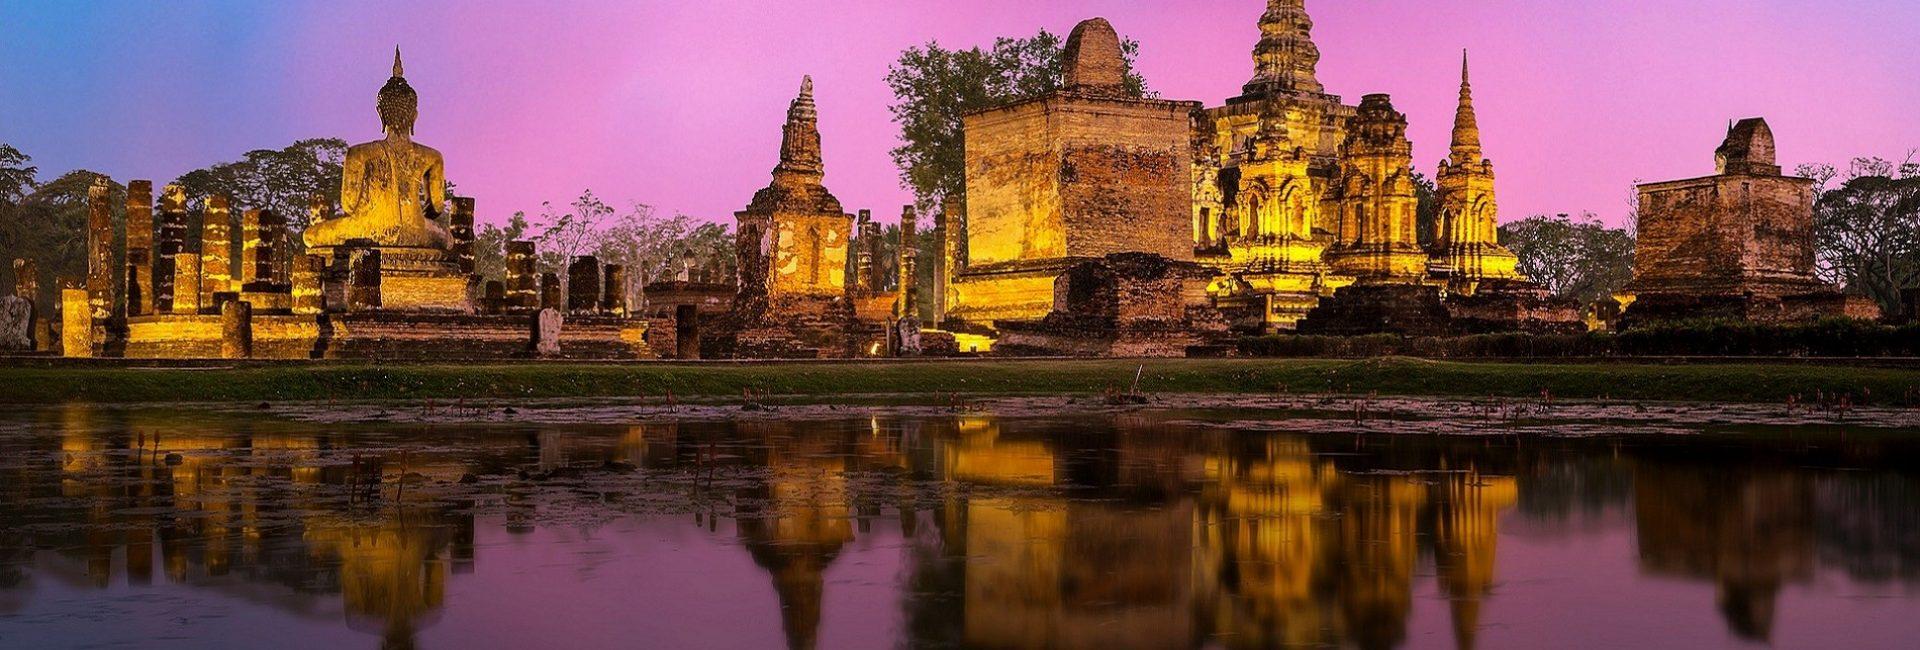 Ako tražite avanturu, ne možete pogriješiti ako krenete na putovanje u Vijetnam i Kambodžu.